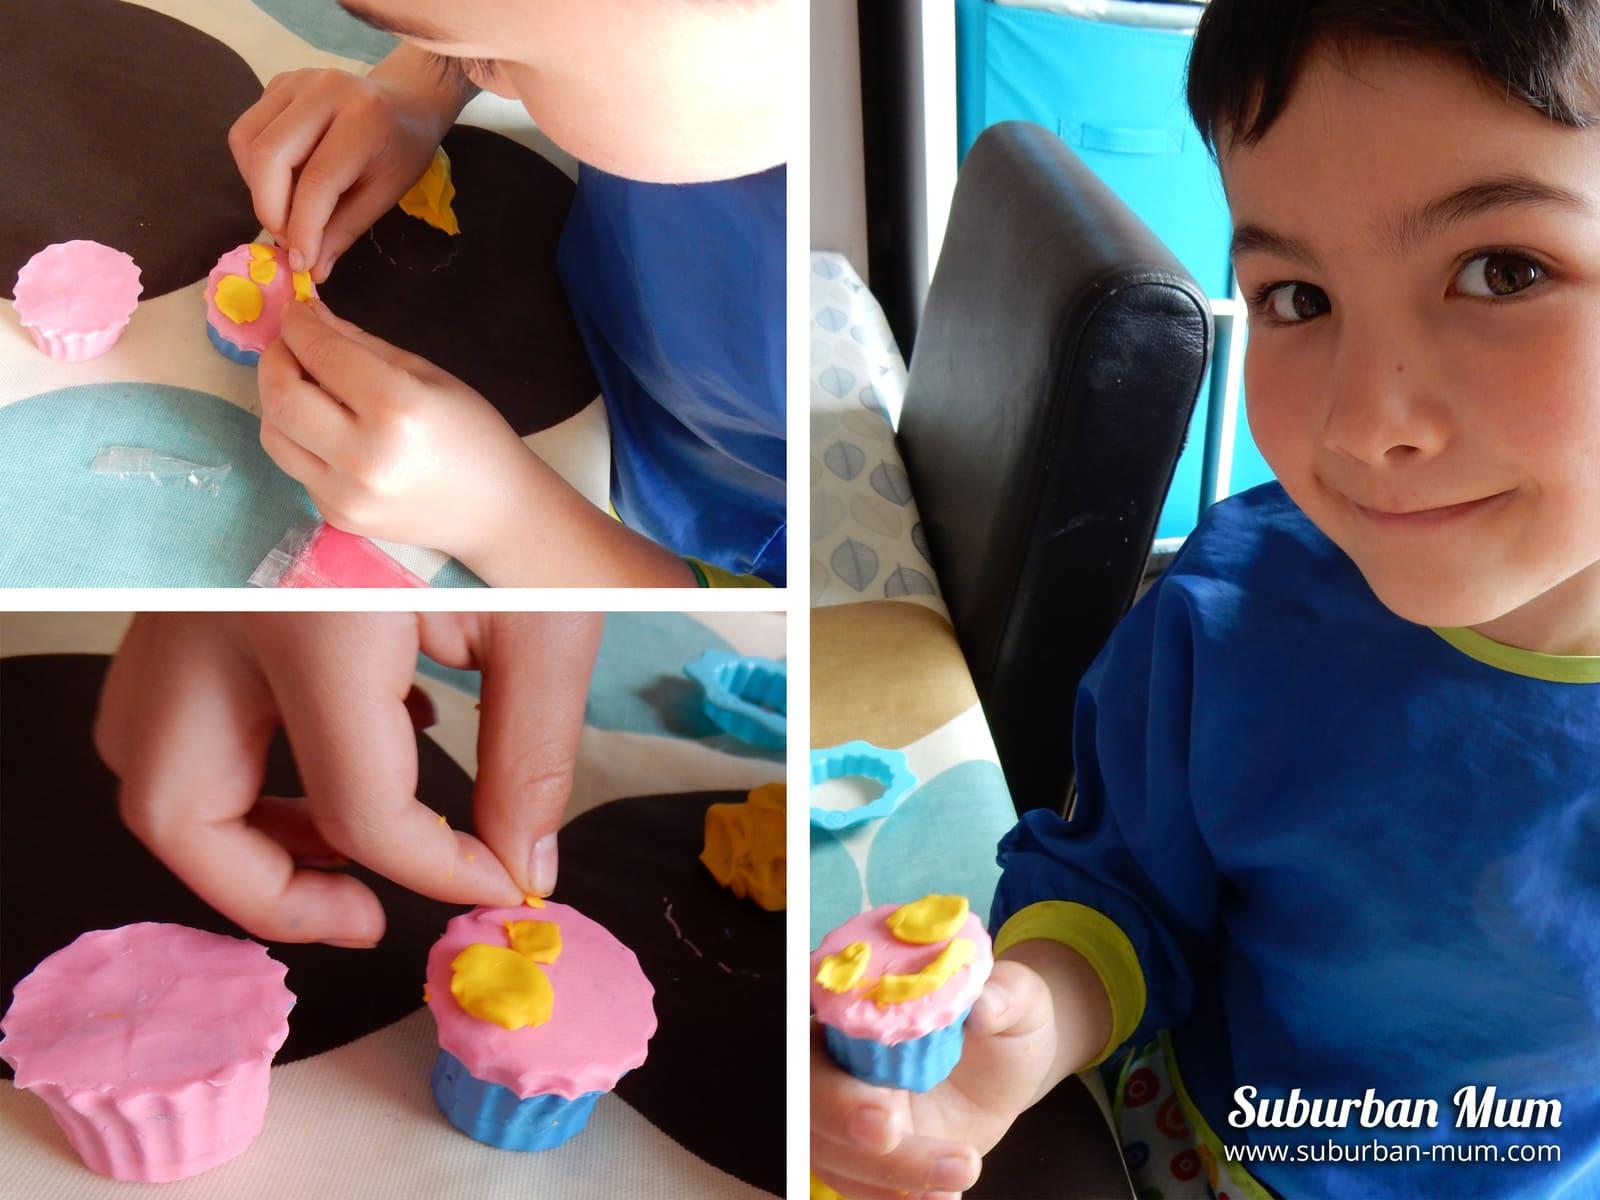 E making plasticine cupcakes